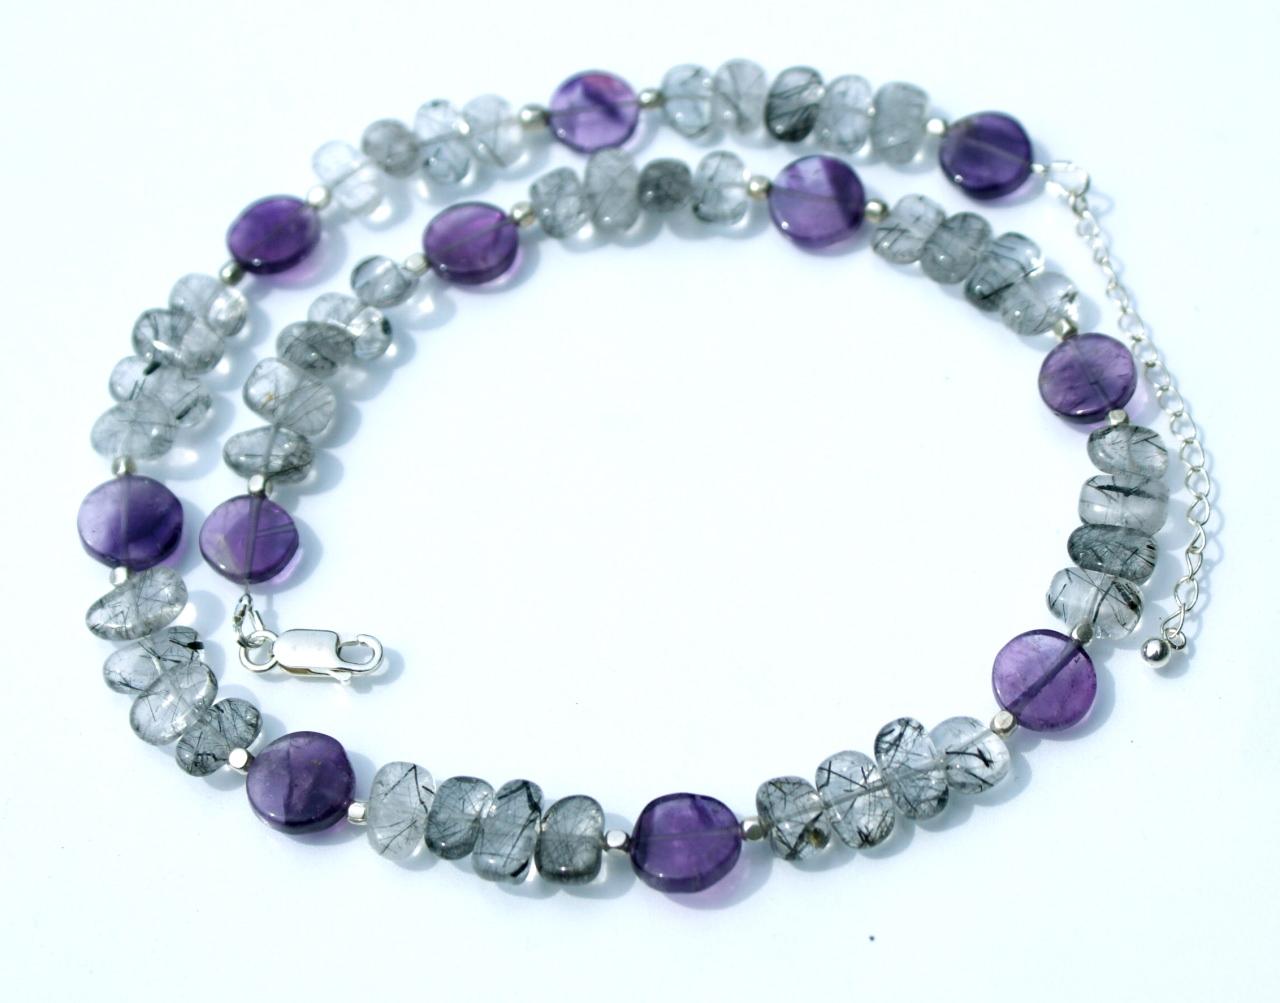 - elegante Halskette mit Amethyst und Turmalinquarz - elegante Halskette mit Amethyst und Turmalinquarz